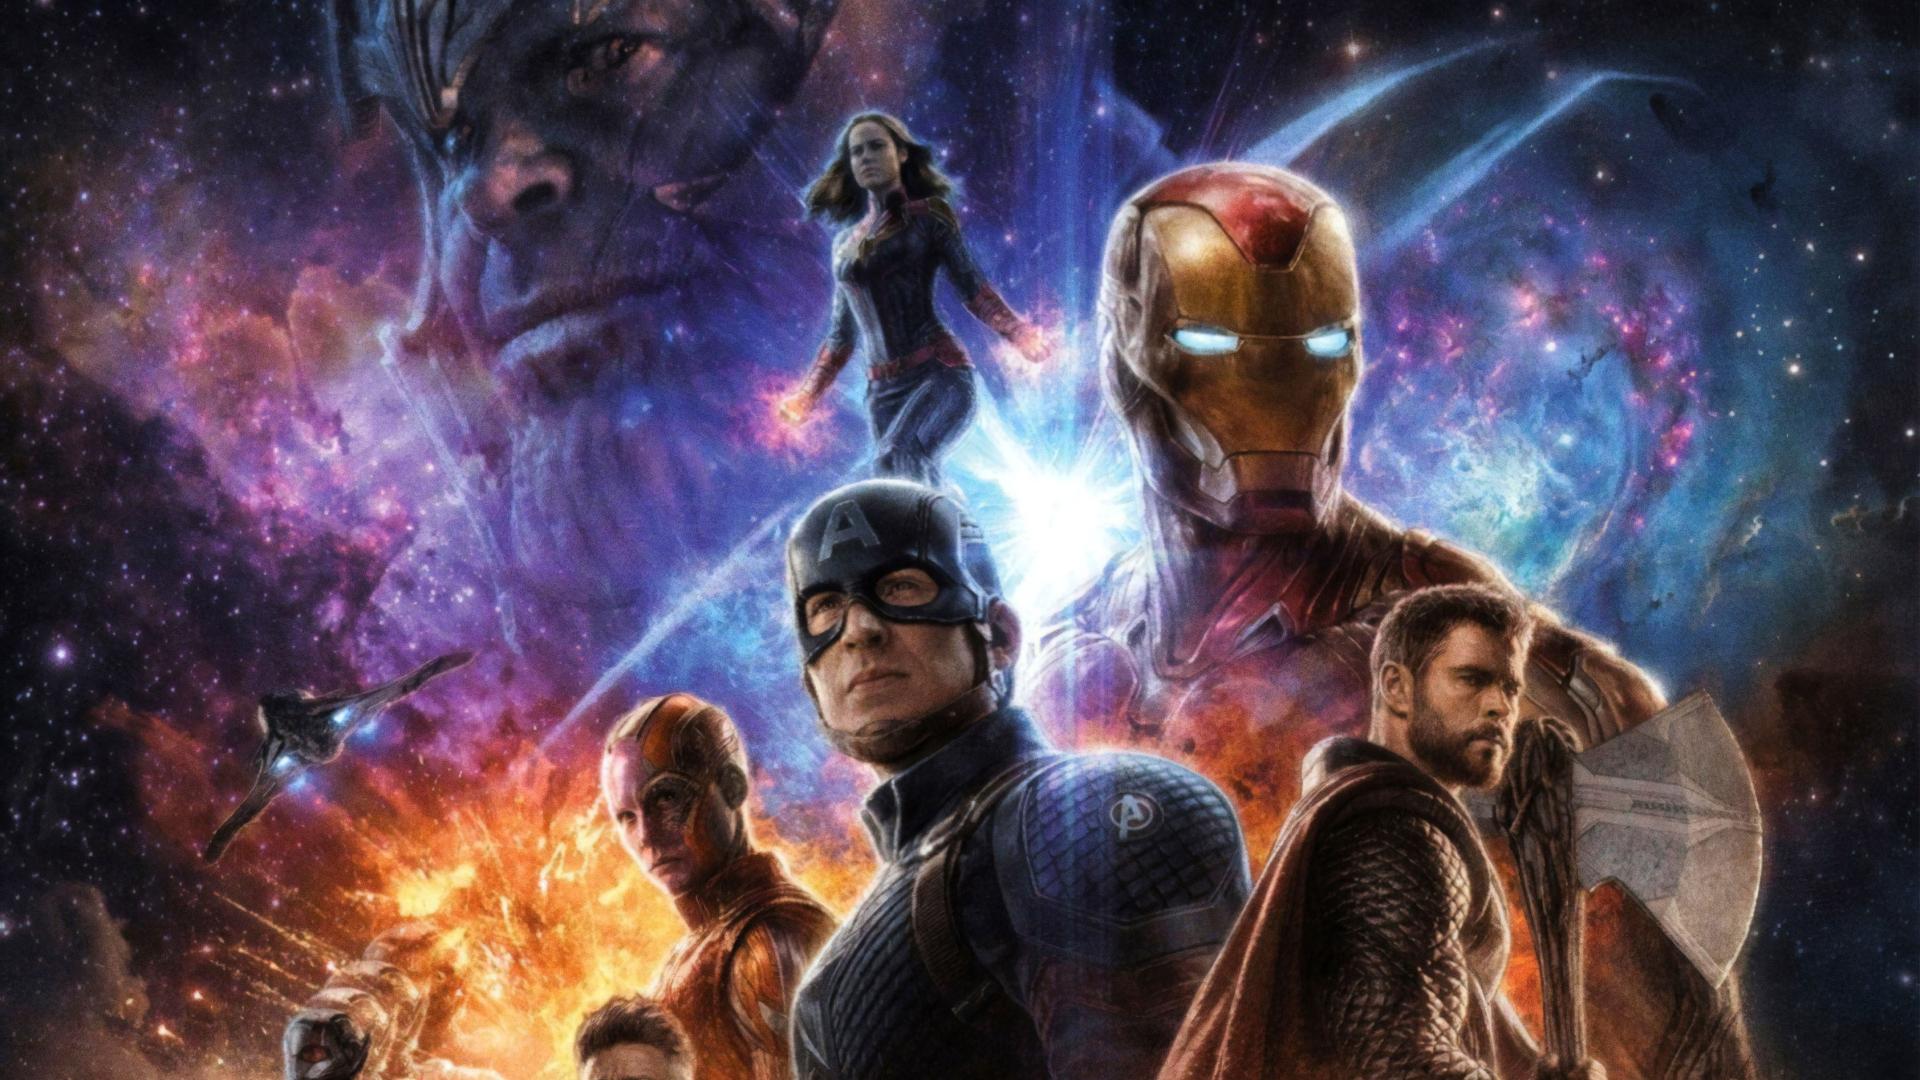 1920x1080 Avengers Endgame 4K Poster 1080P Laptop Full HD ...